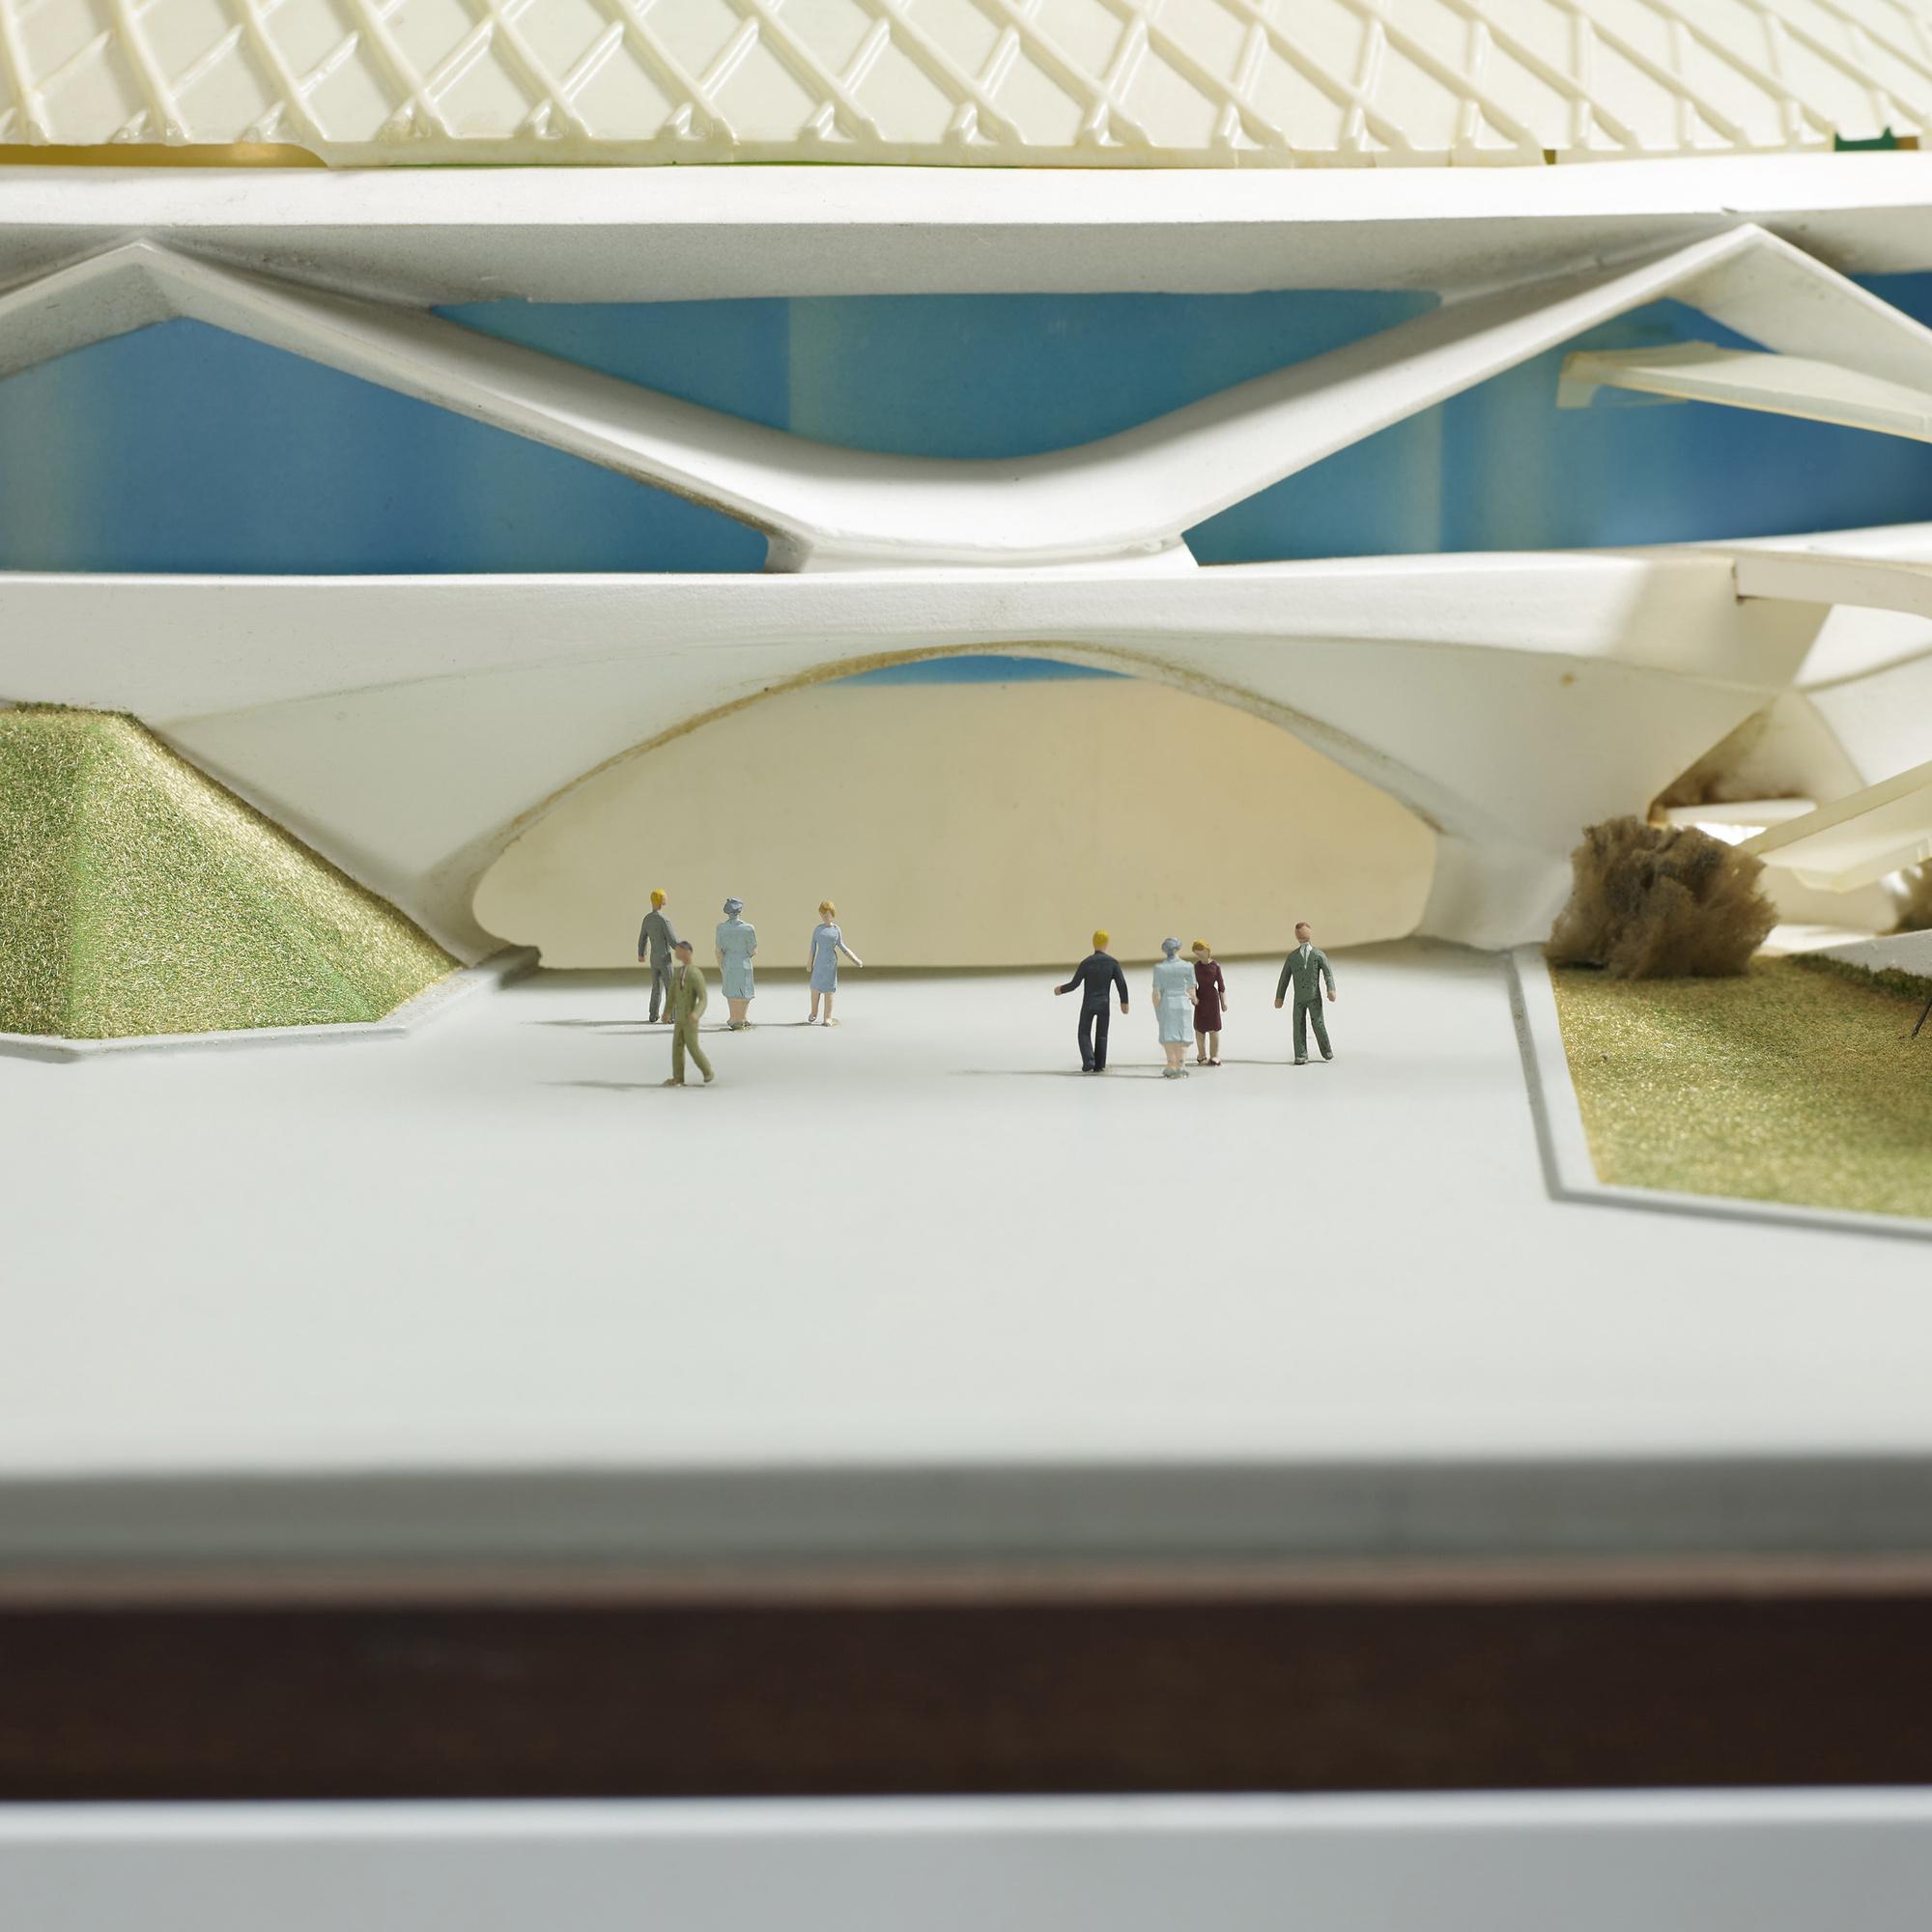 512 Richard Rush Studios Scale Model Of Progressland For The Worlds Fair